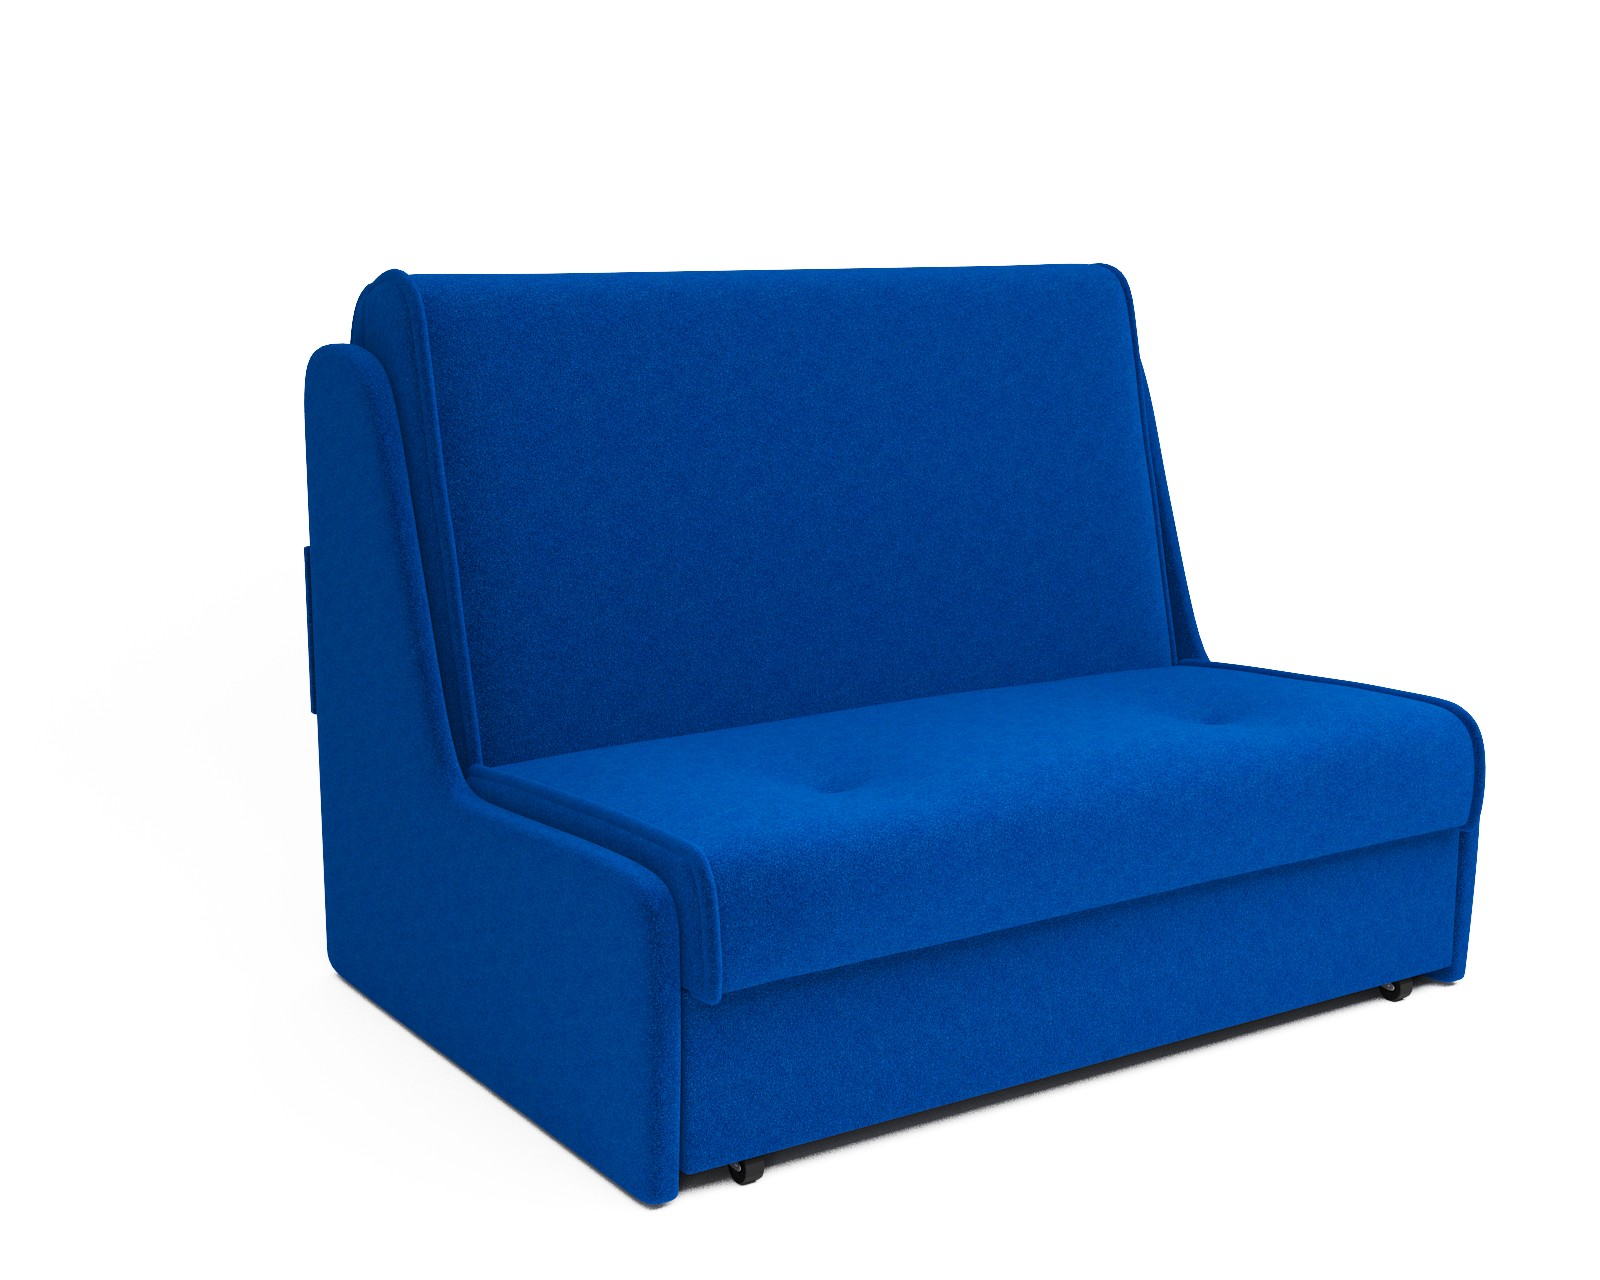 купить диван аккордеон 2 астра синяя недорого от производителя с